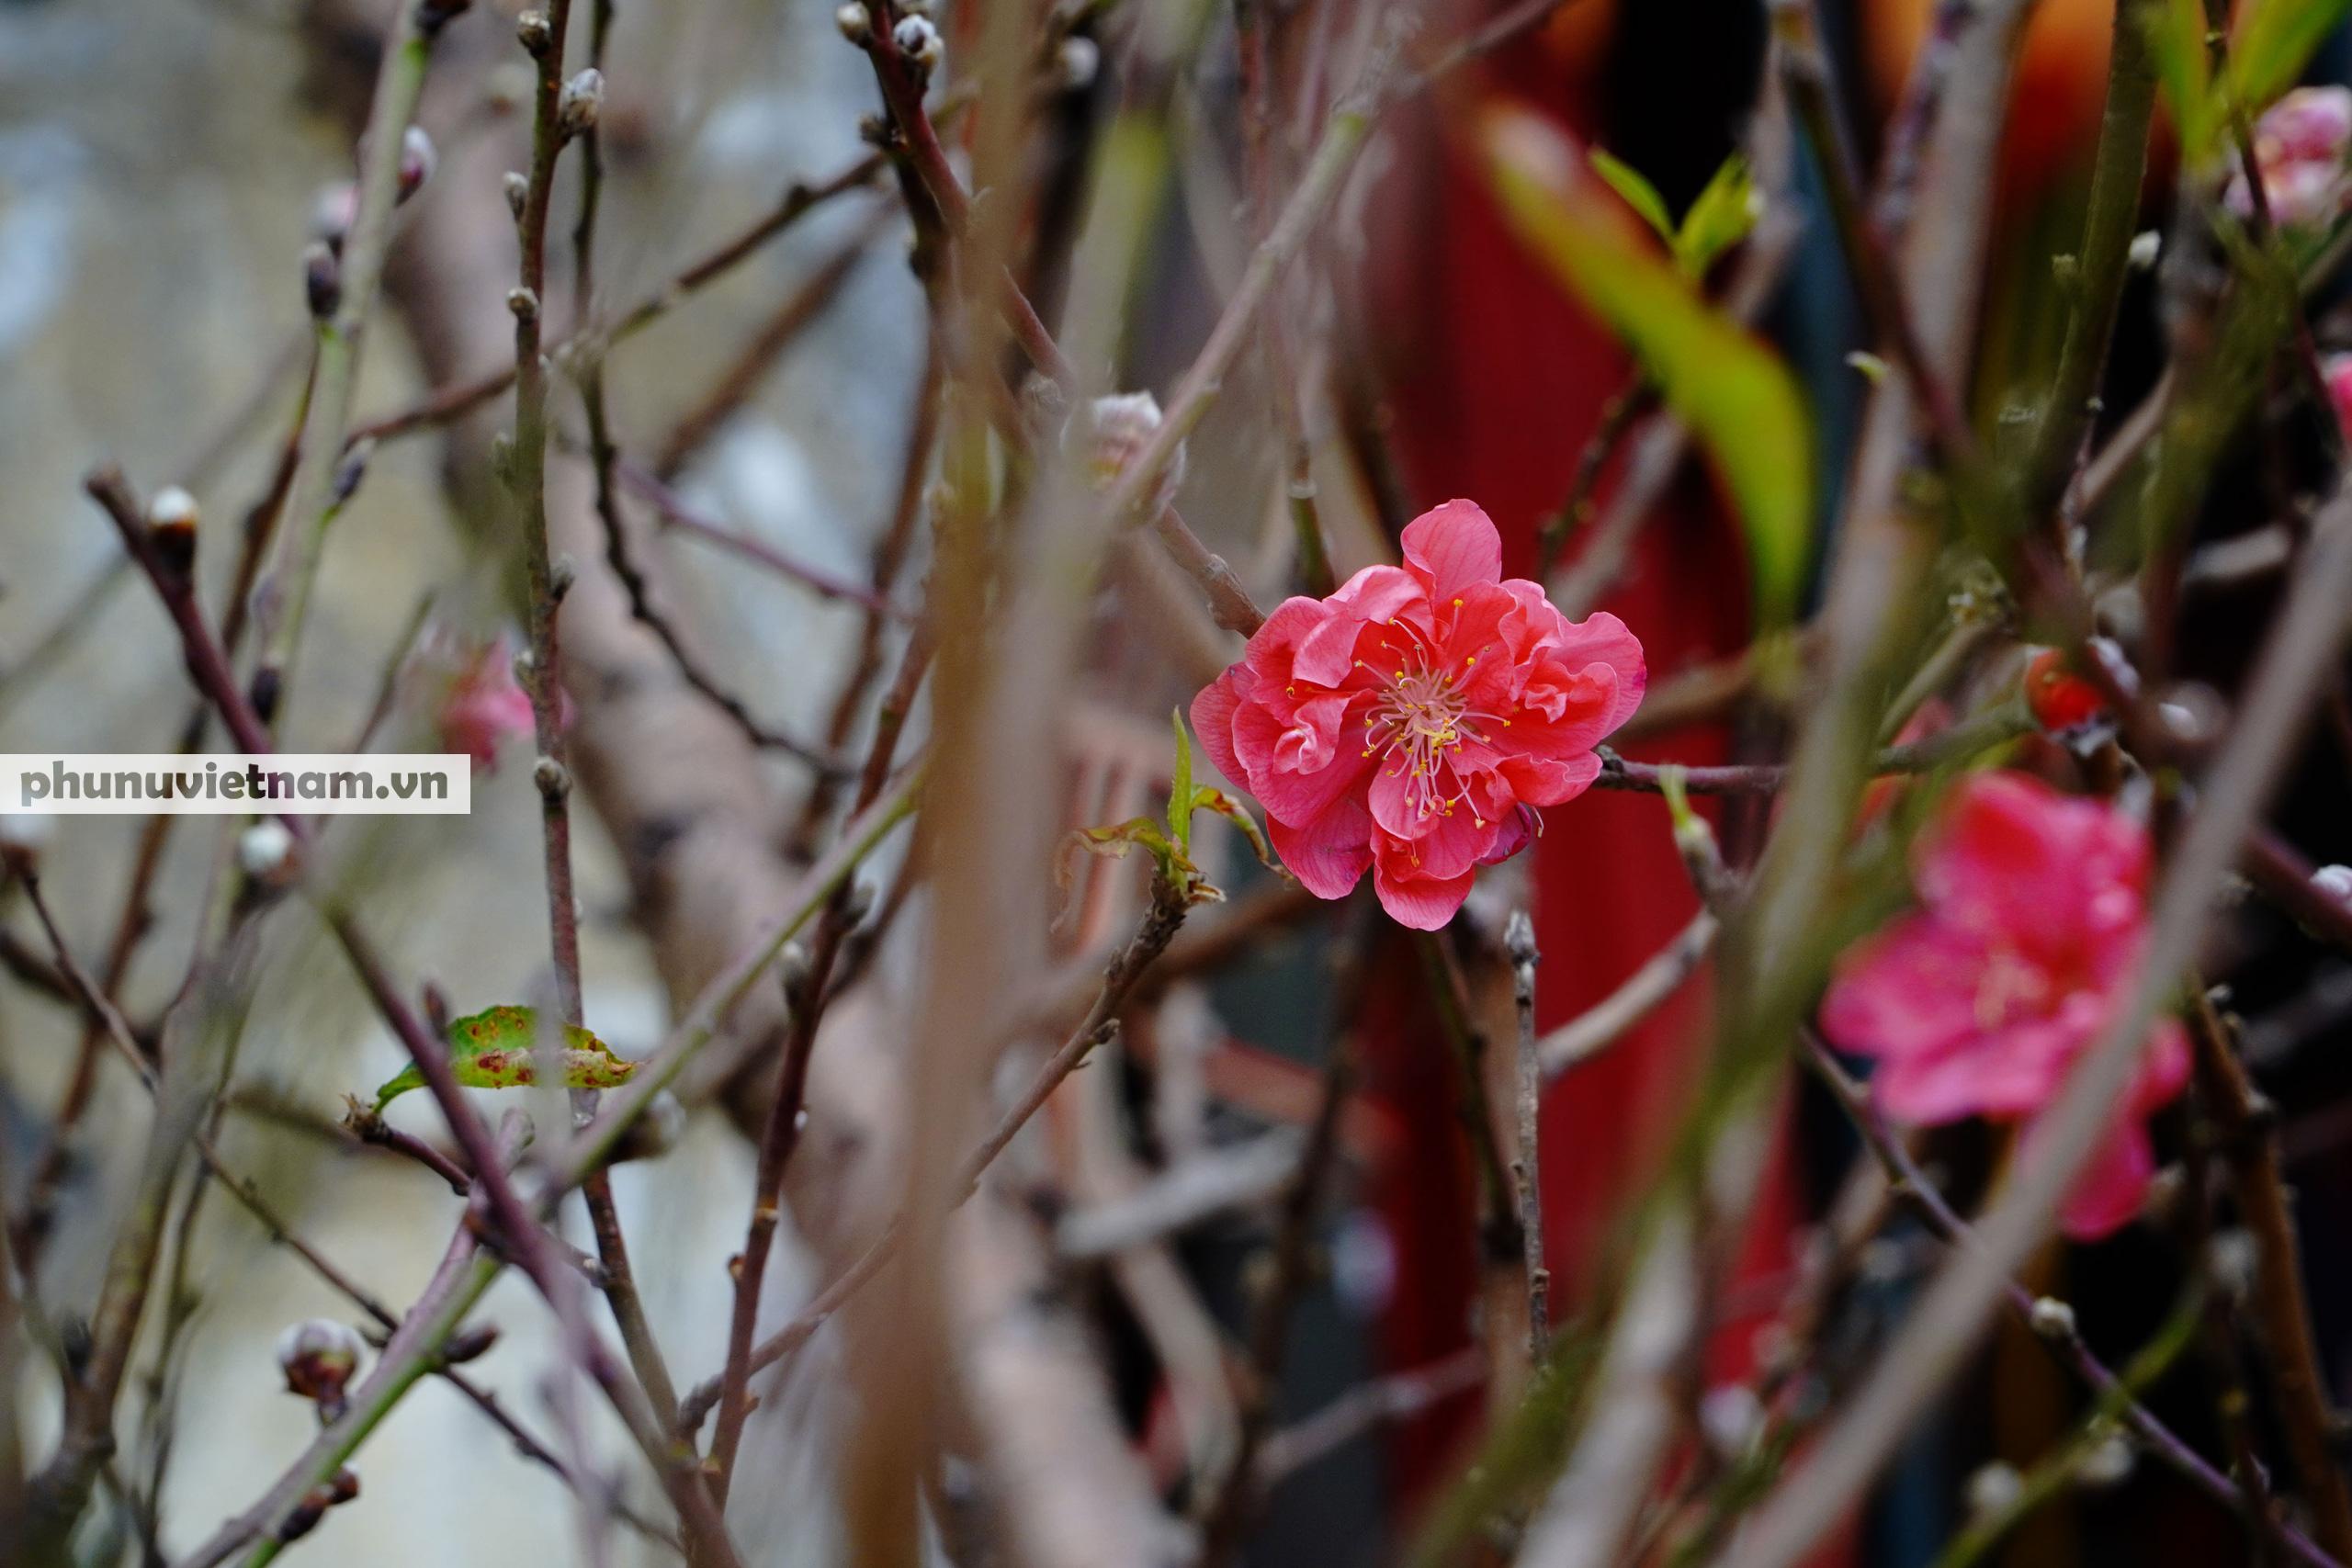 Đào Nhật Tân nở sớm hơn mọi năm, người trồng cầu mong giá rét kéo dài - Ảnh 12.